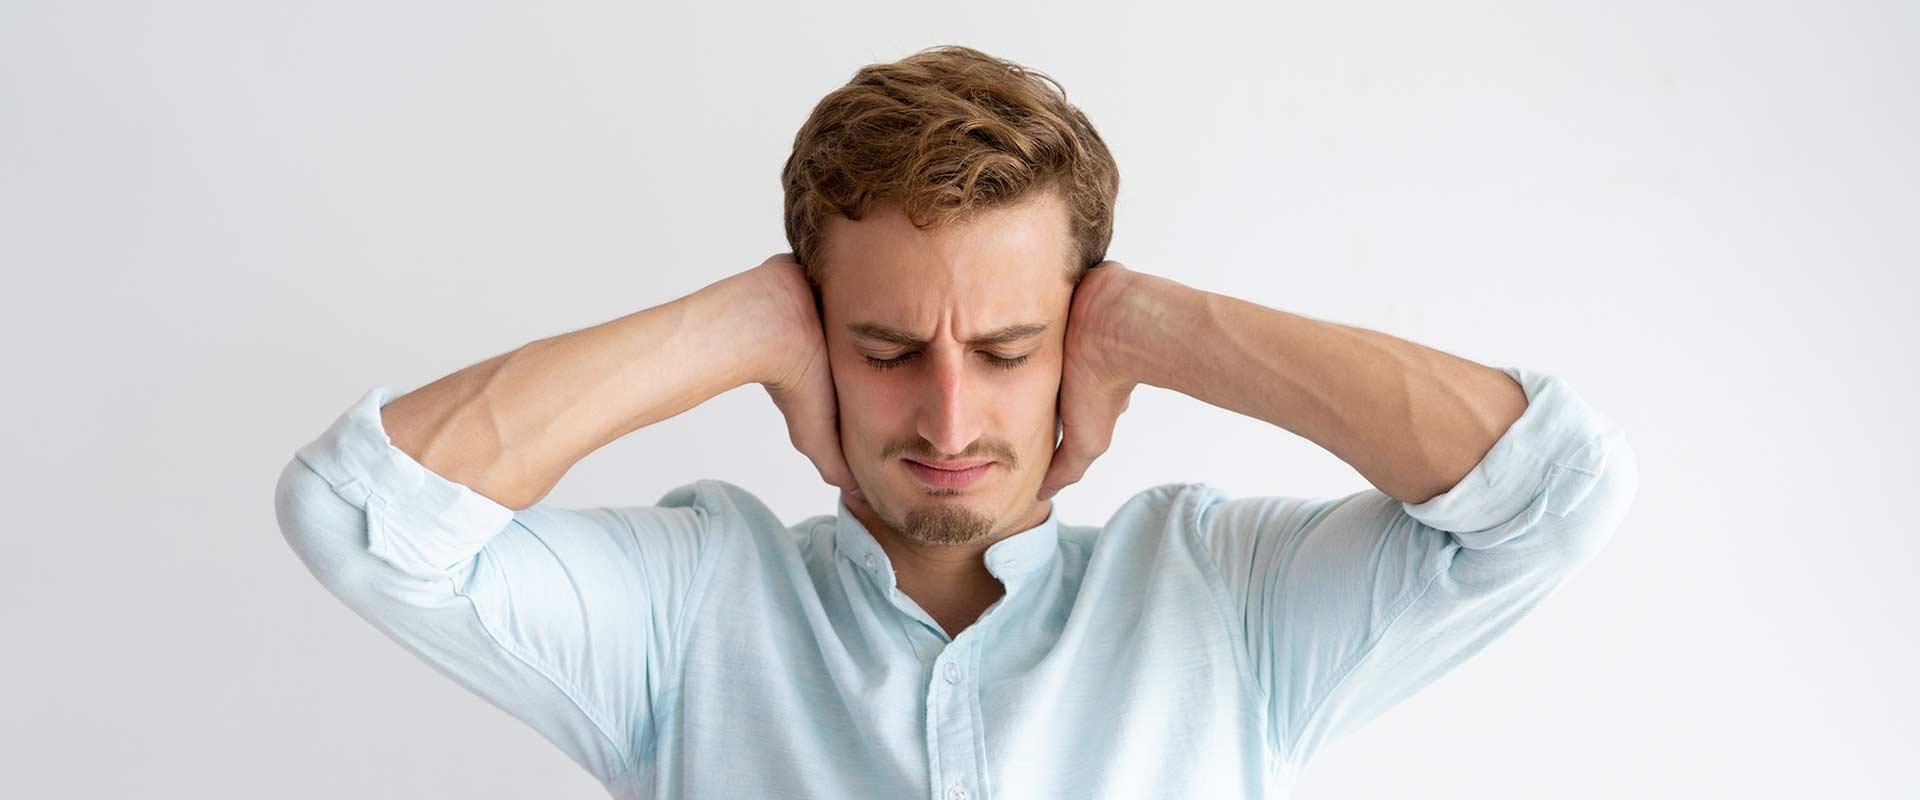 دلایل وزوز گوش و نحوه درمان?